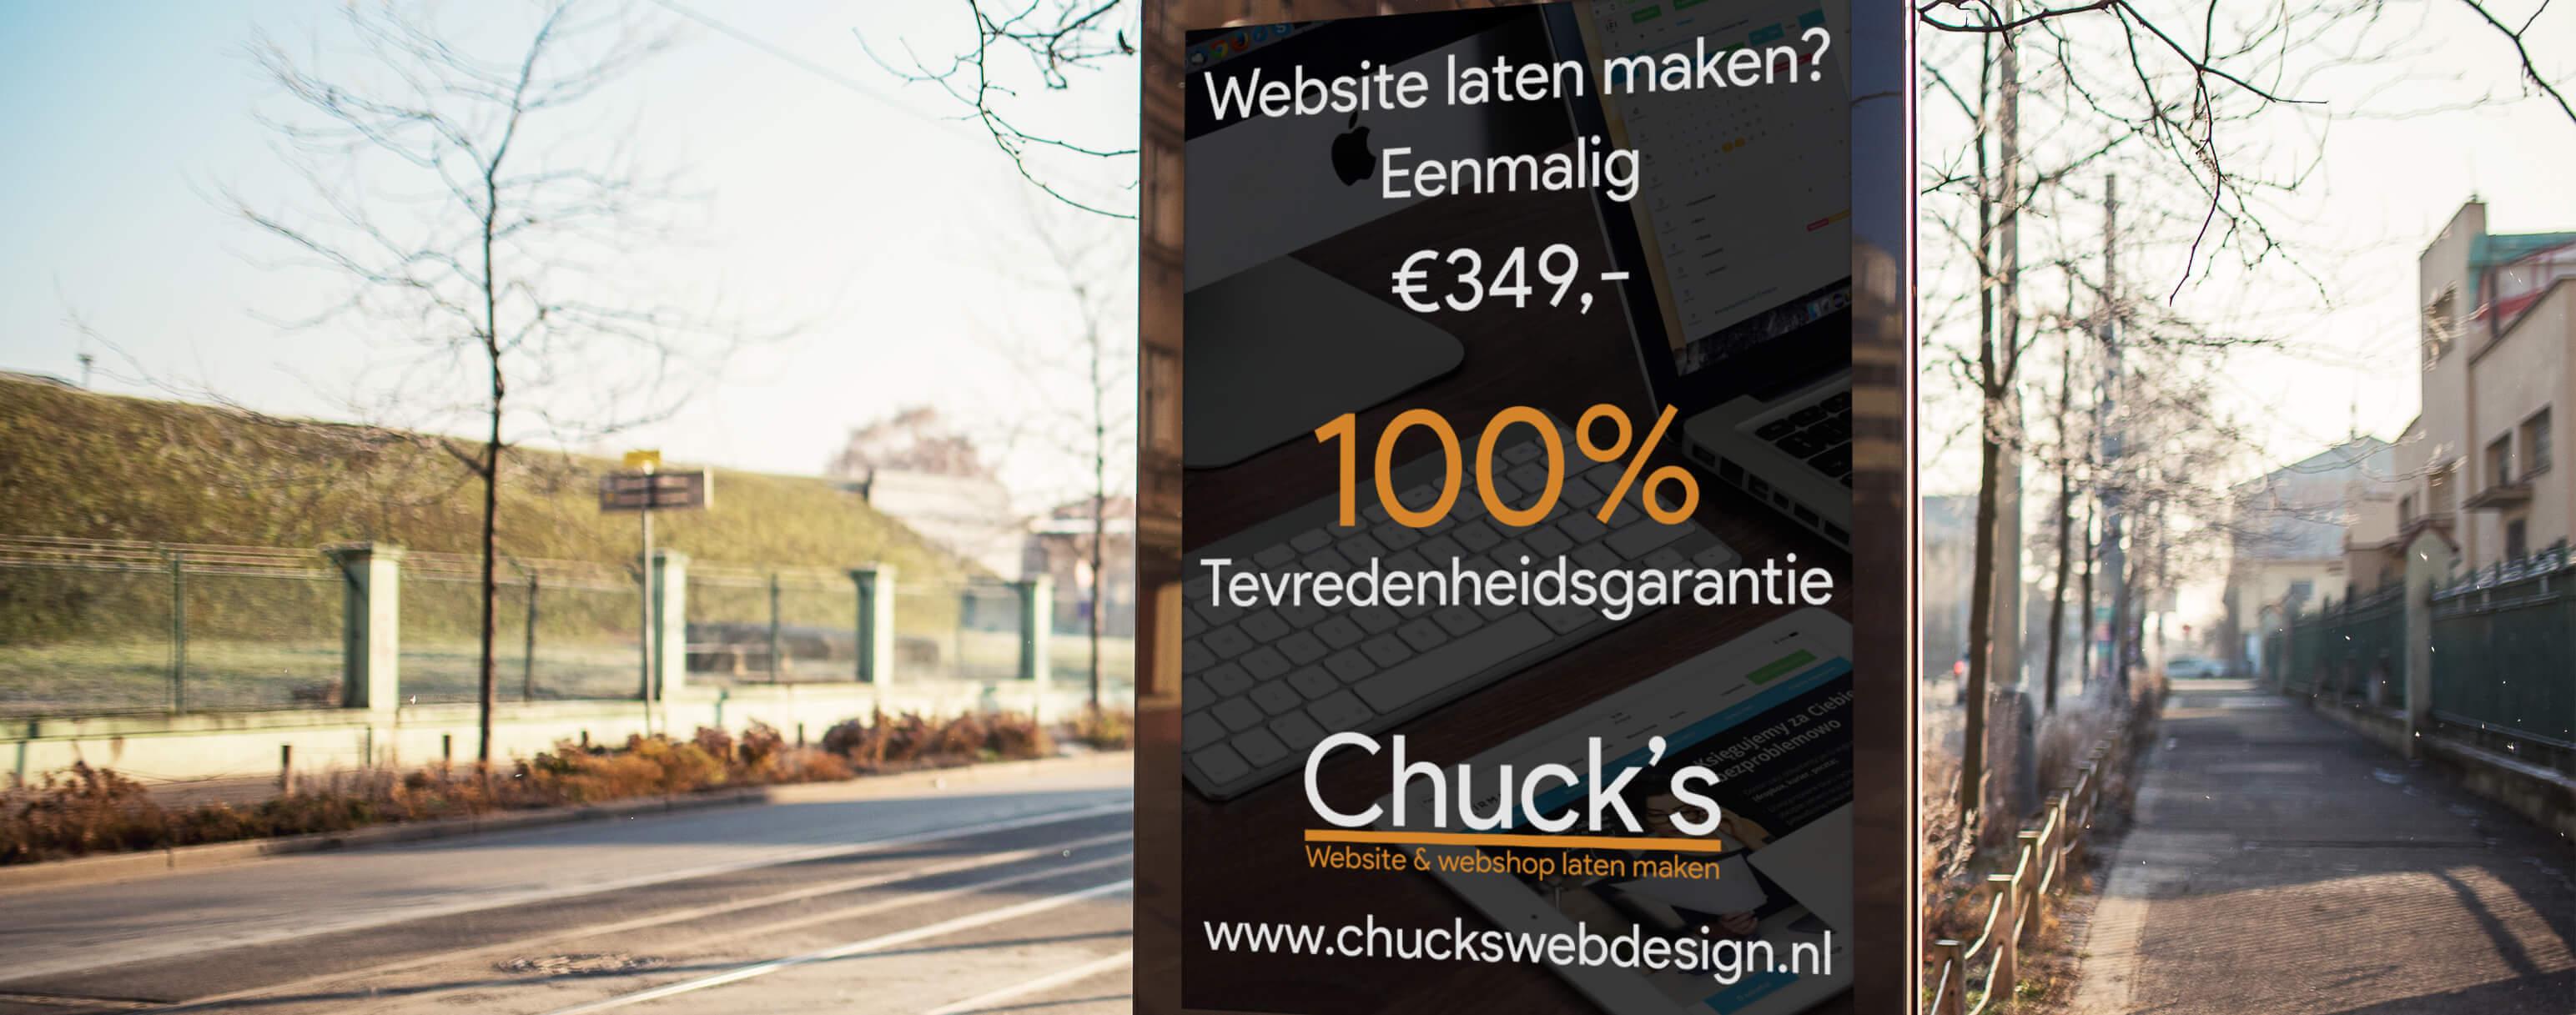 website laten maken Amersfoort